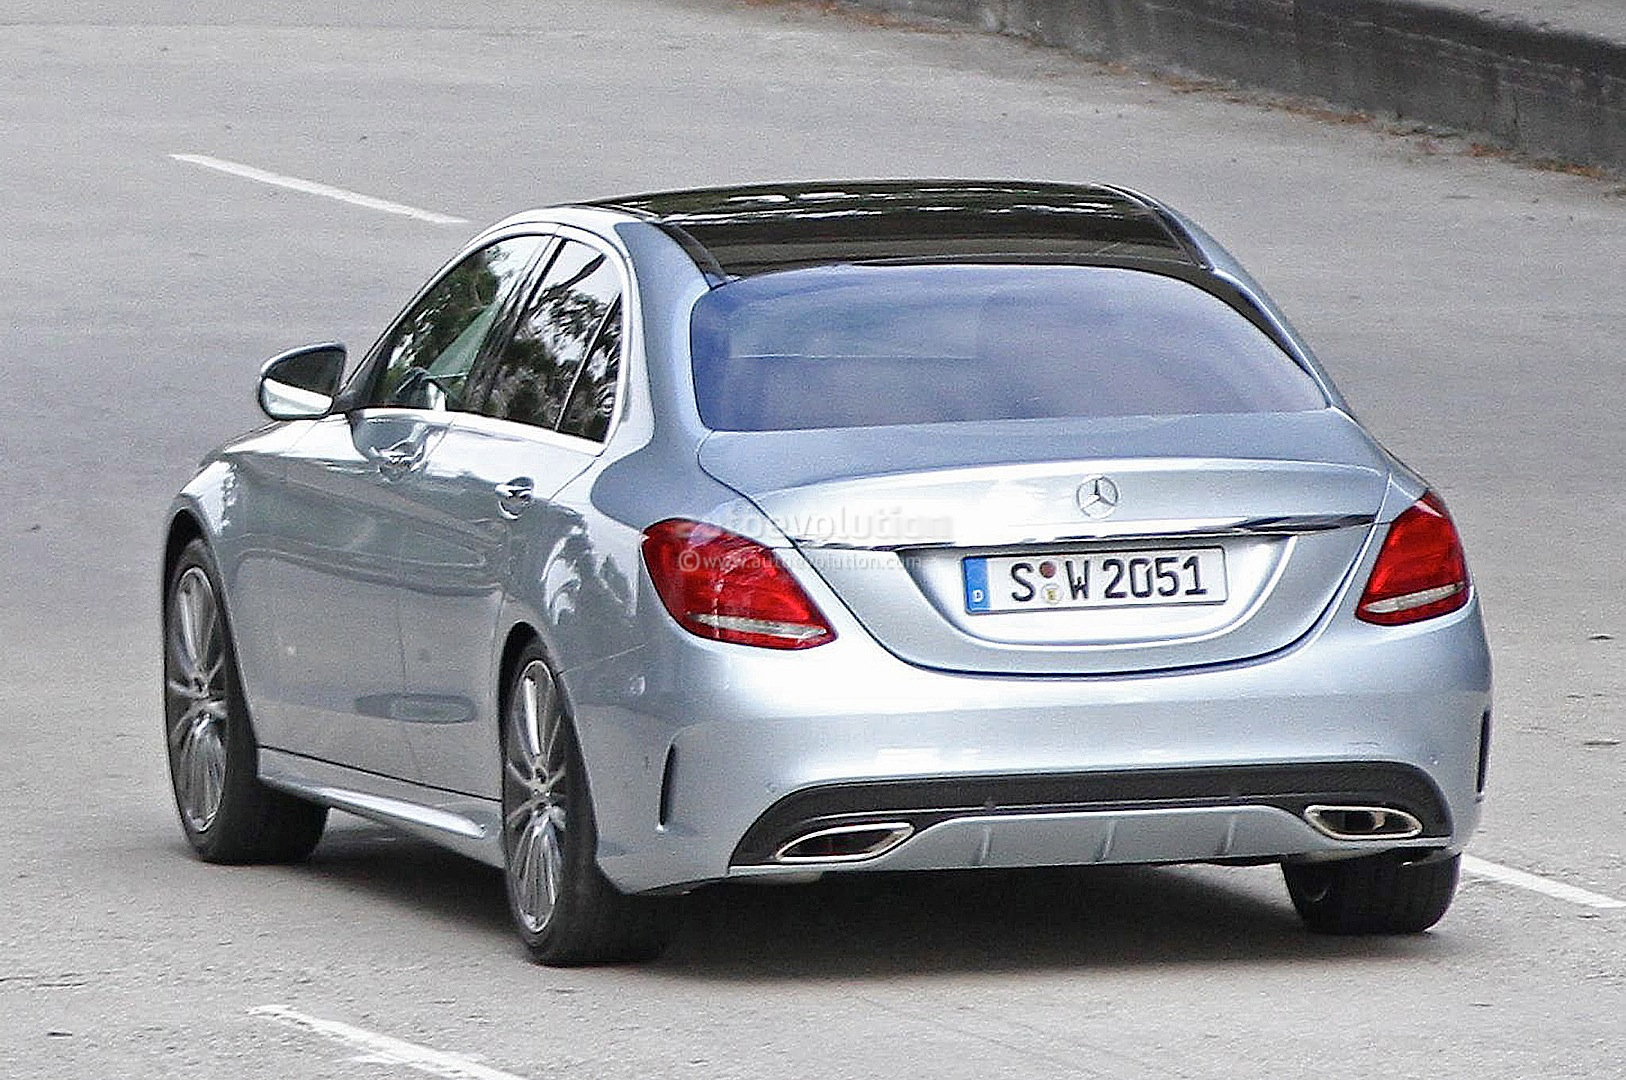 2015 Mercedes Benz C 200 W205 Versus 2014 C 200 W204